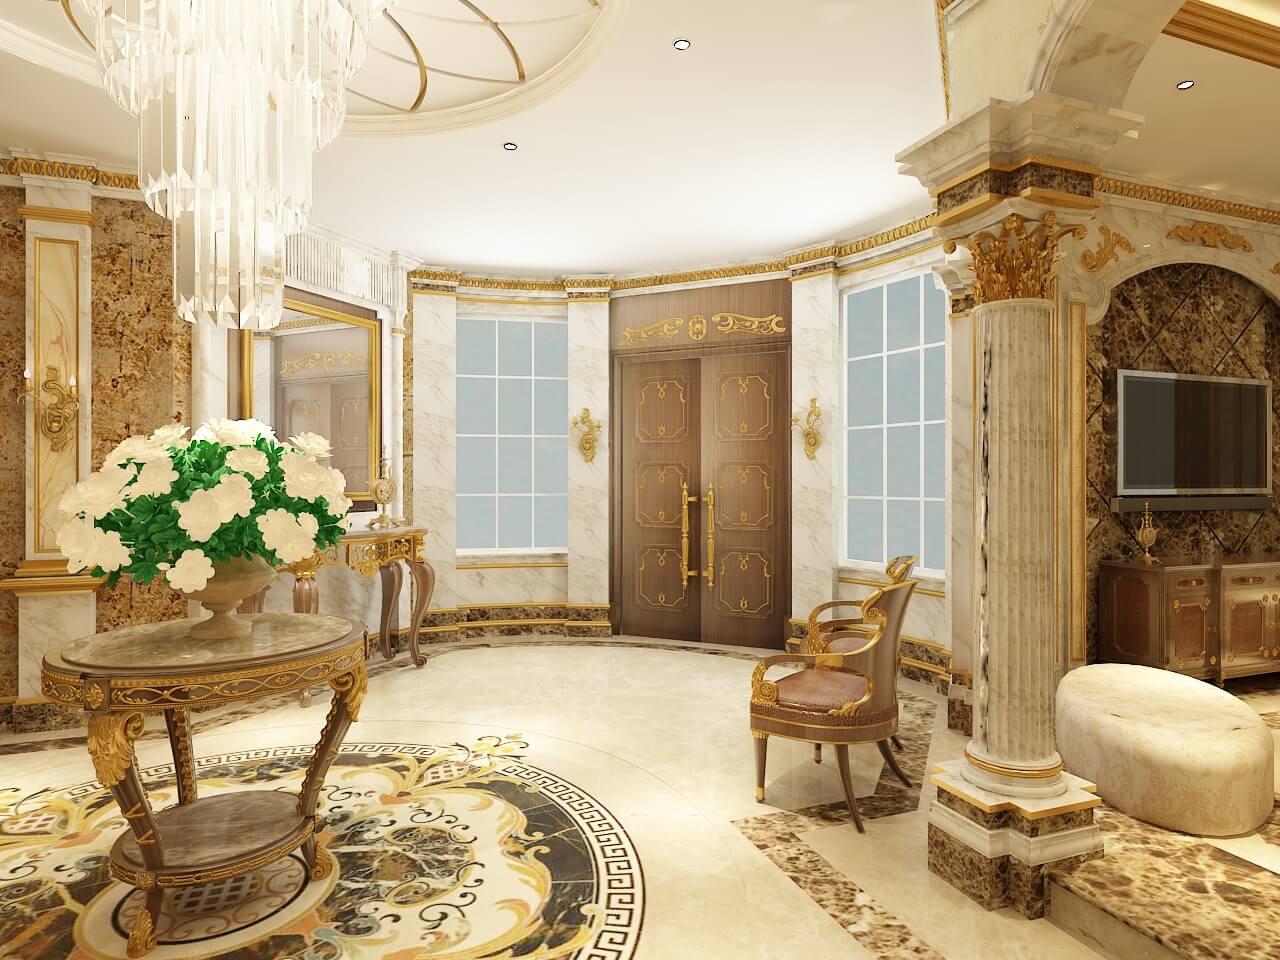 Private Villa, Emirates Hills - 1